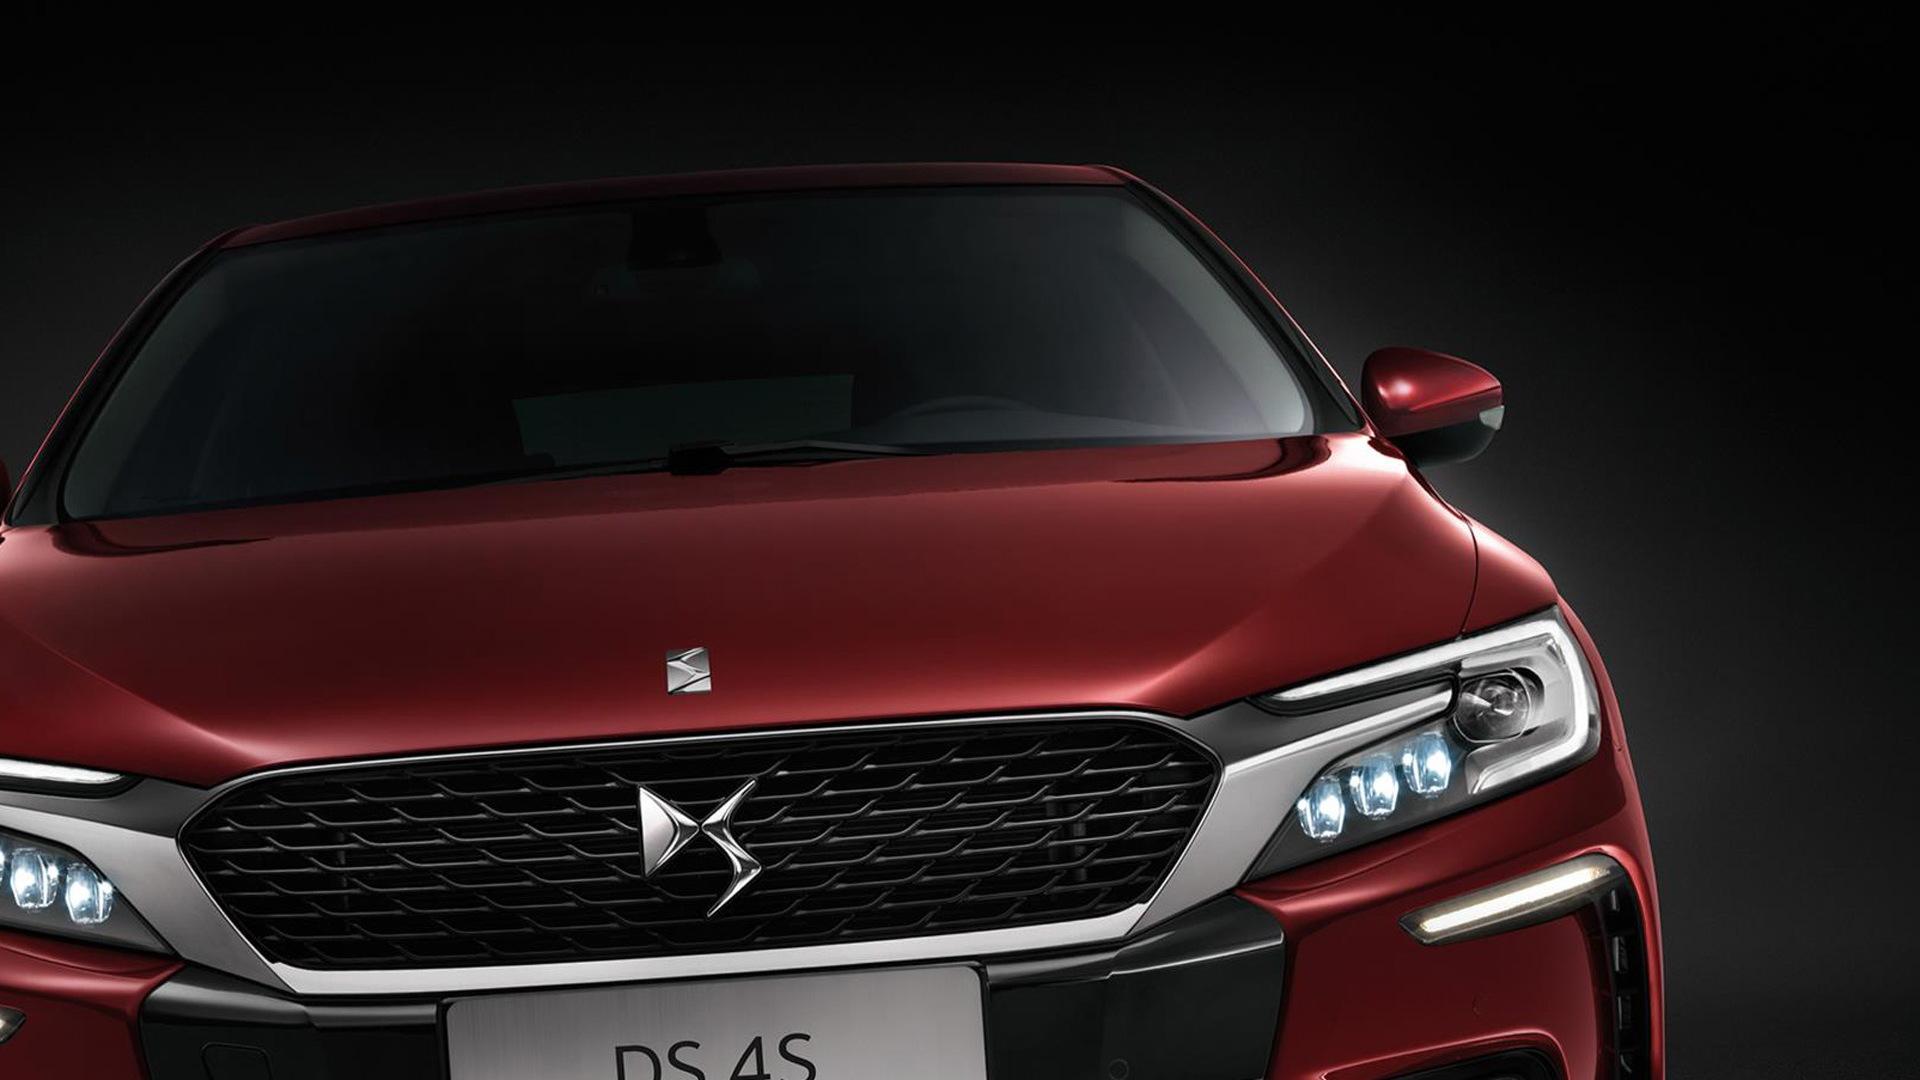 2016 DS 4S